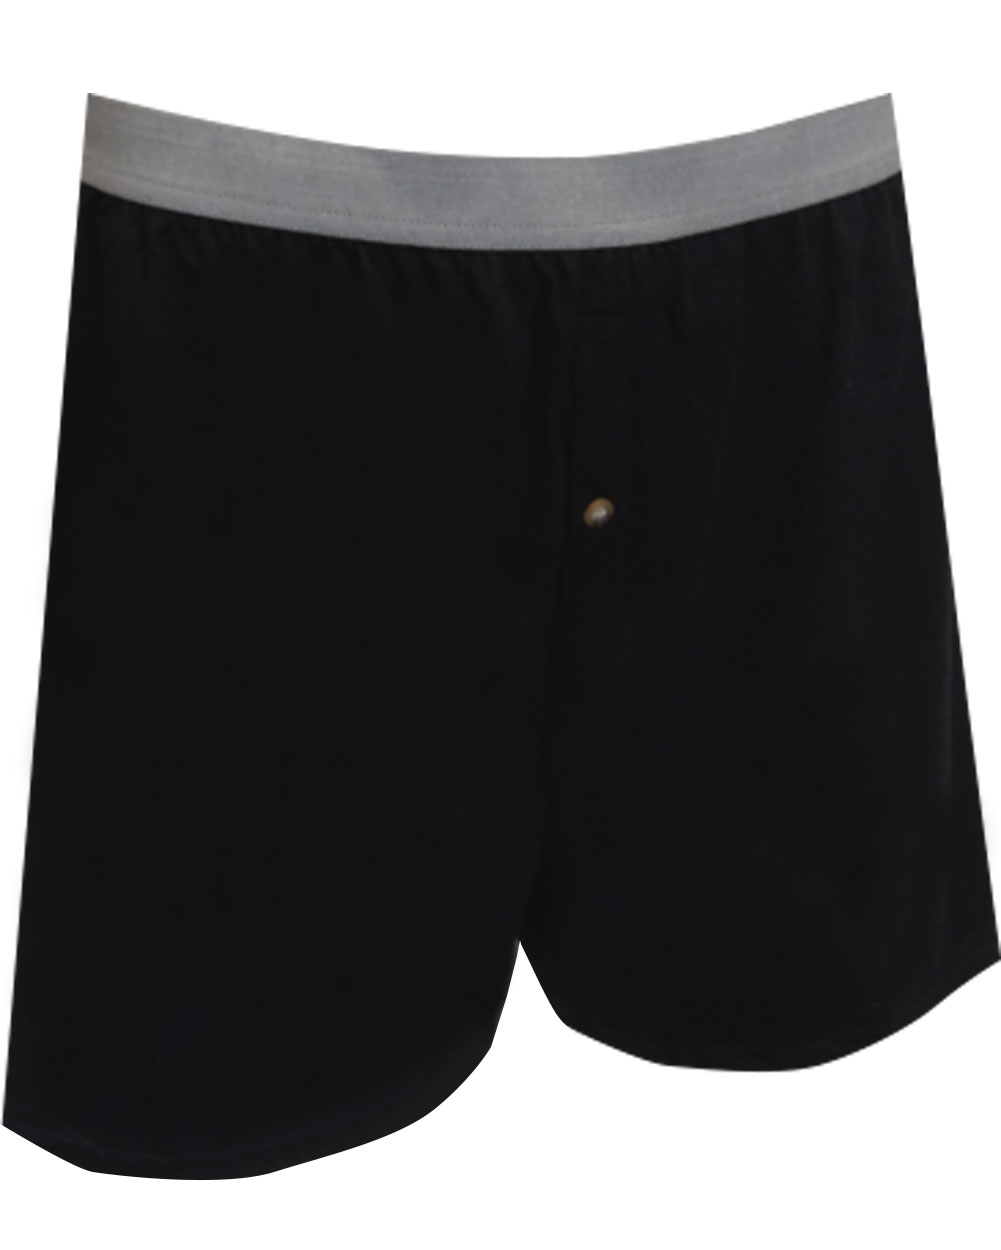 Image of Classic Men's Black Knit Cotton Boxers for men